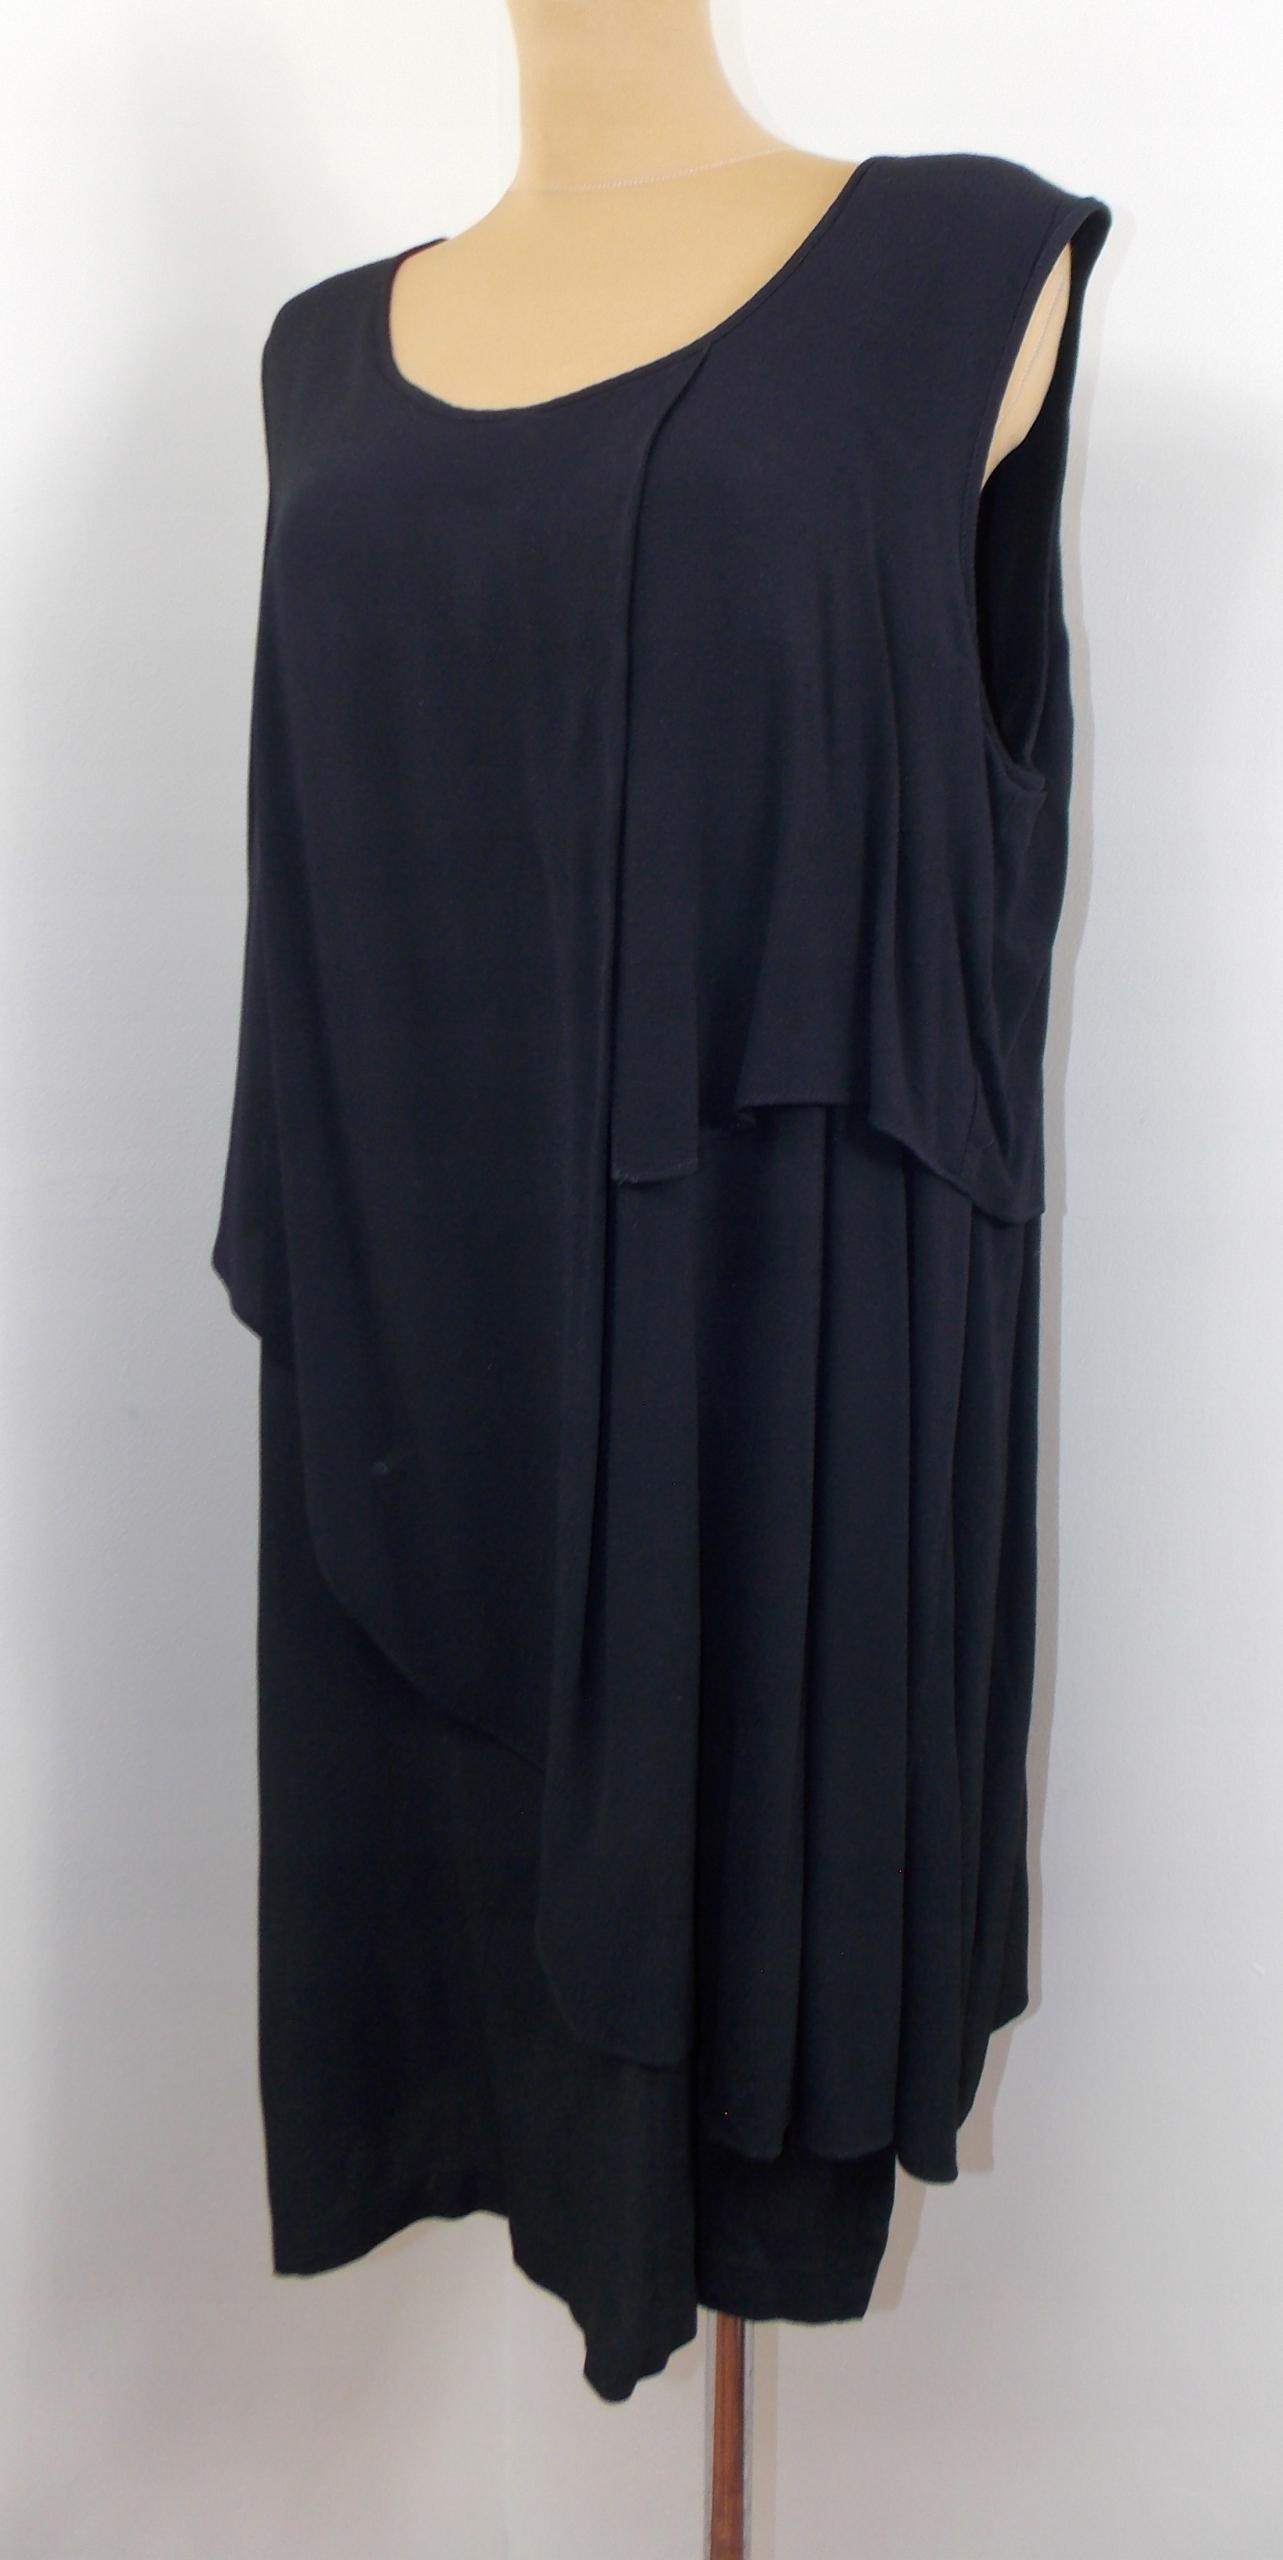 sukienka styl ZARA elegancka origami czarna 42